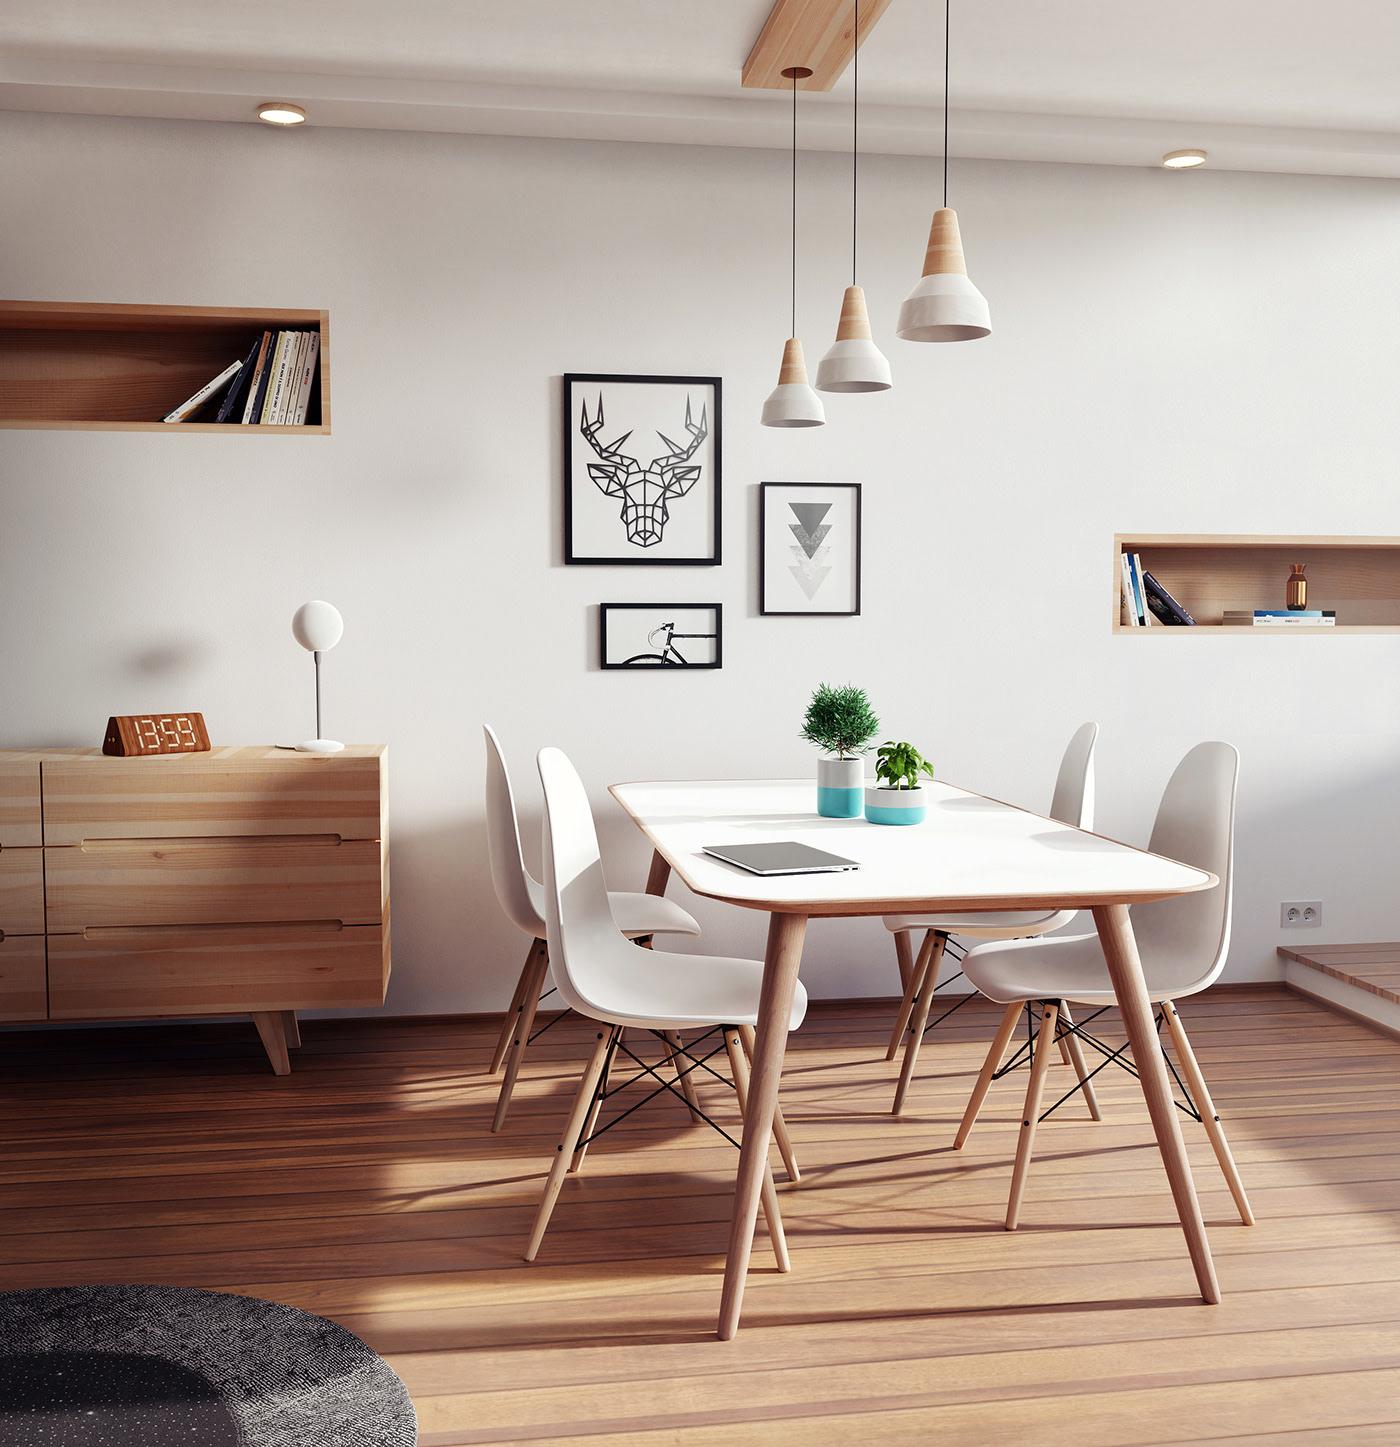 Tư vấn thiết kế nhà 2 tầng có diện tích 42m² gồm 2 phòng ngủ hiện đại với chi phí 164 triệu đồng - Ảnh 6.